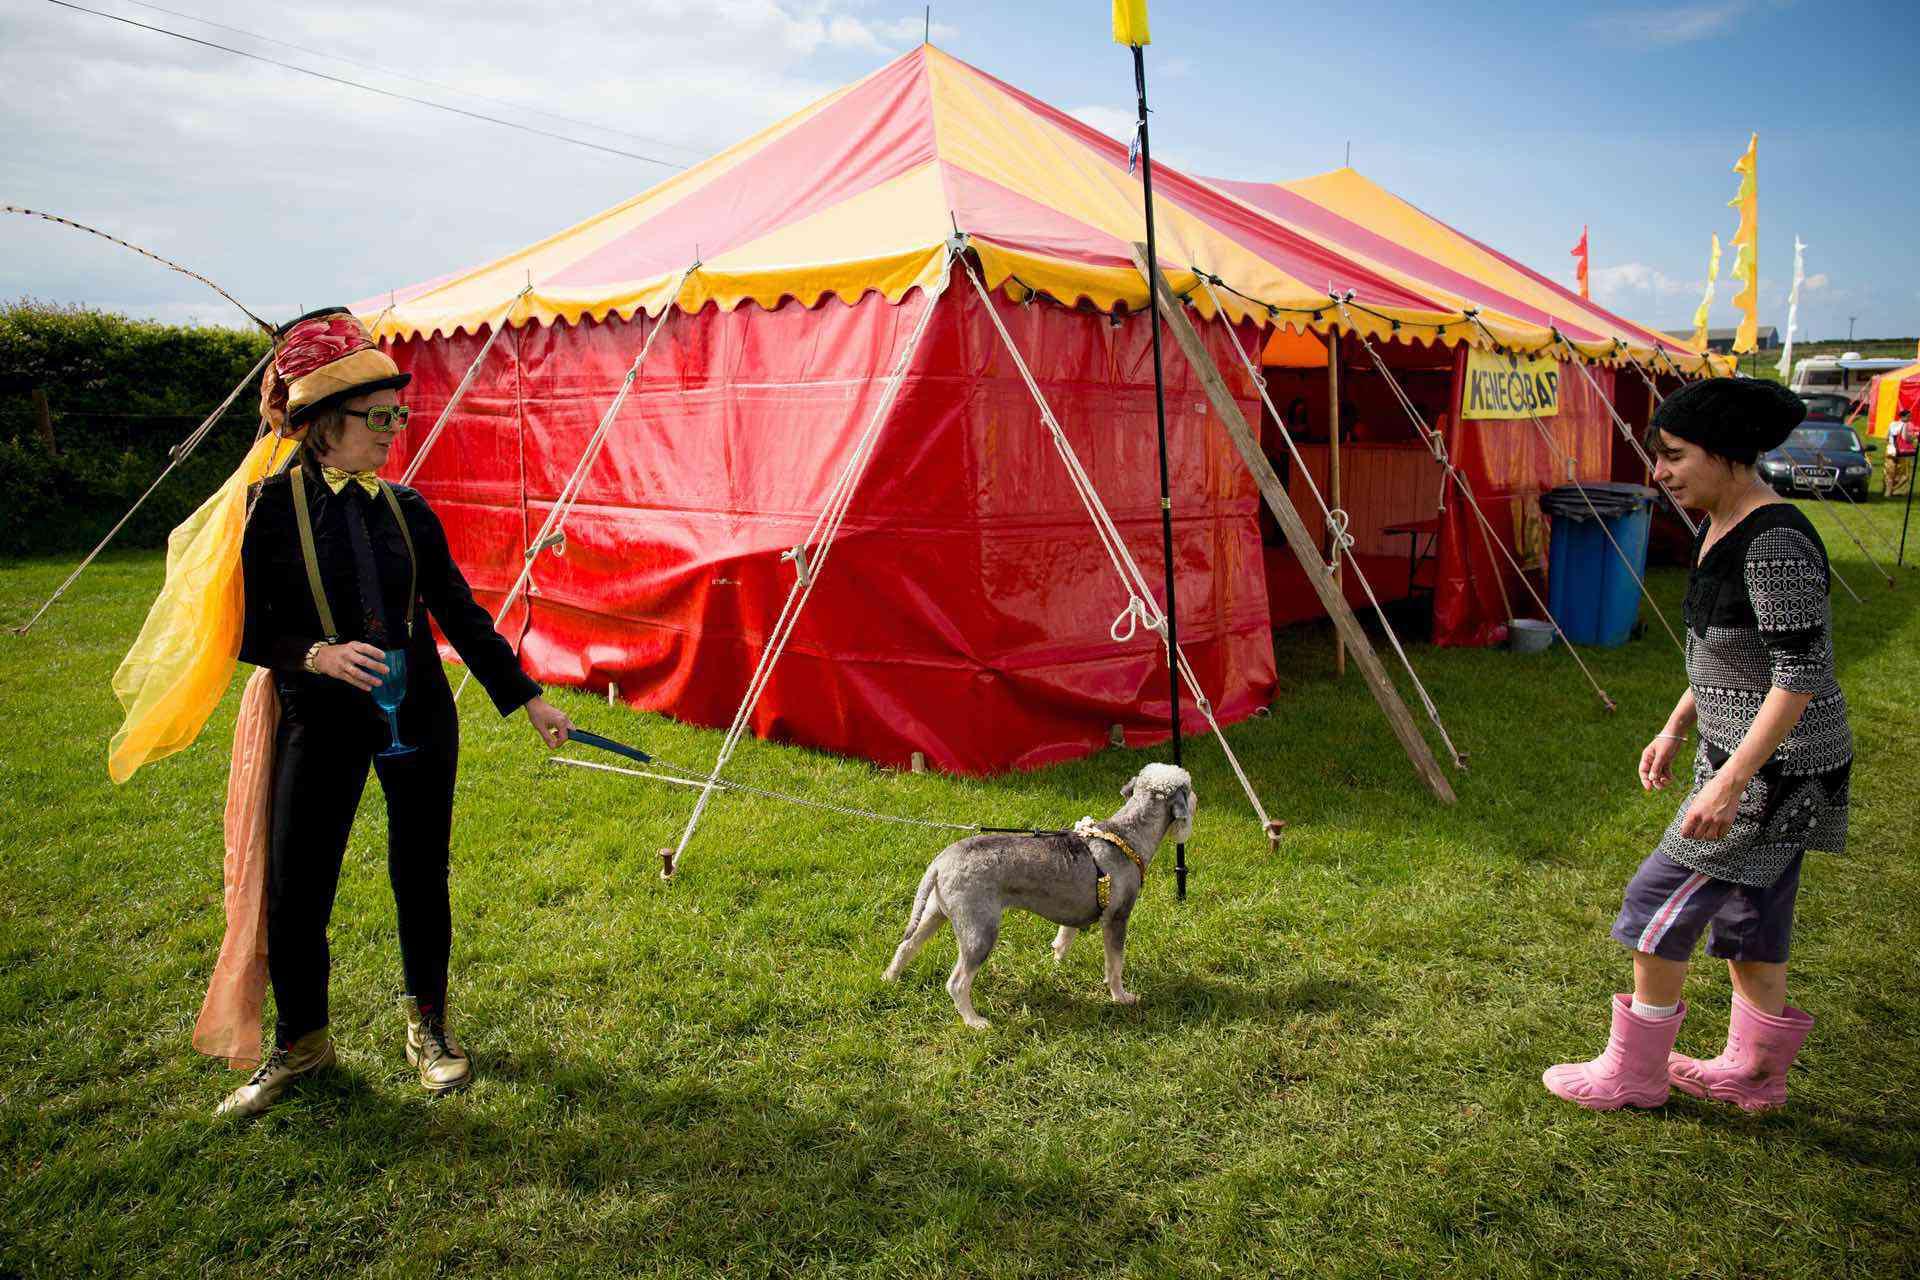 Golden garden party tent as a bar at festival wedding